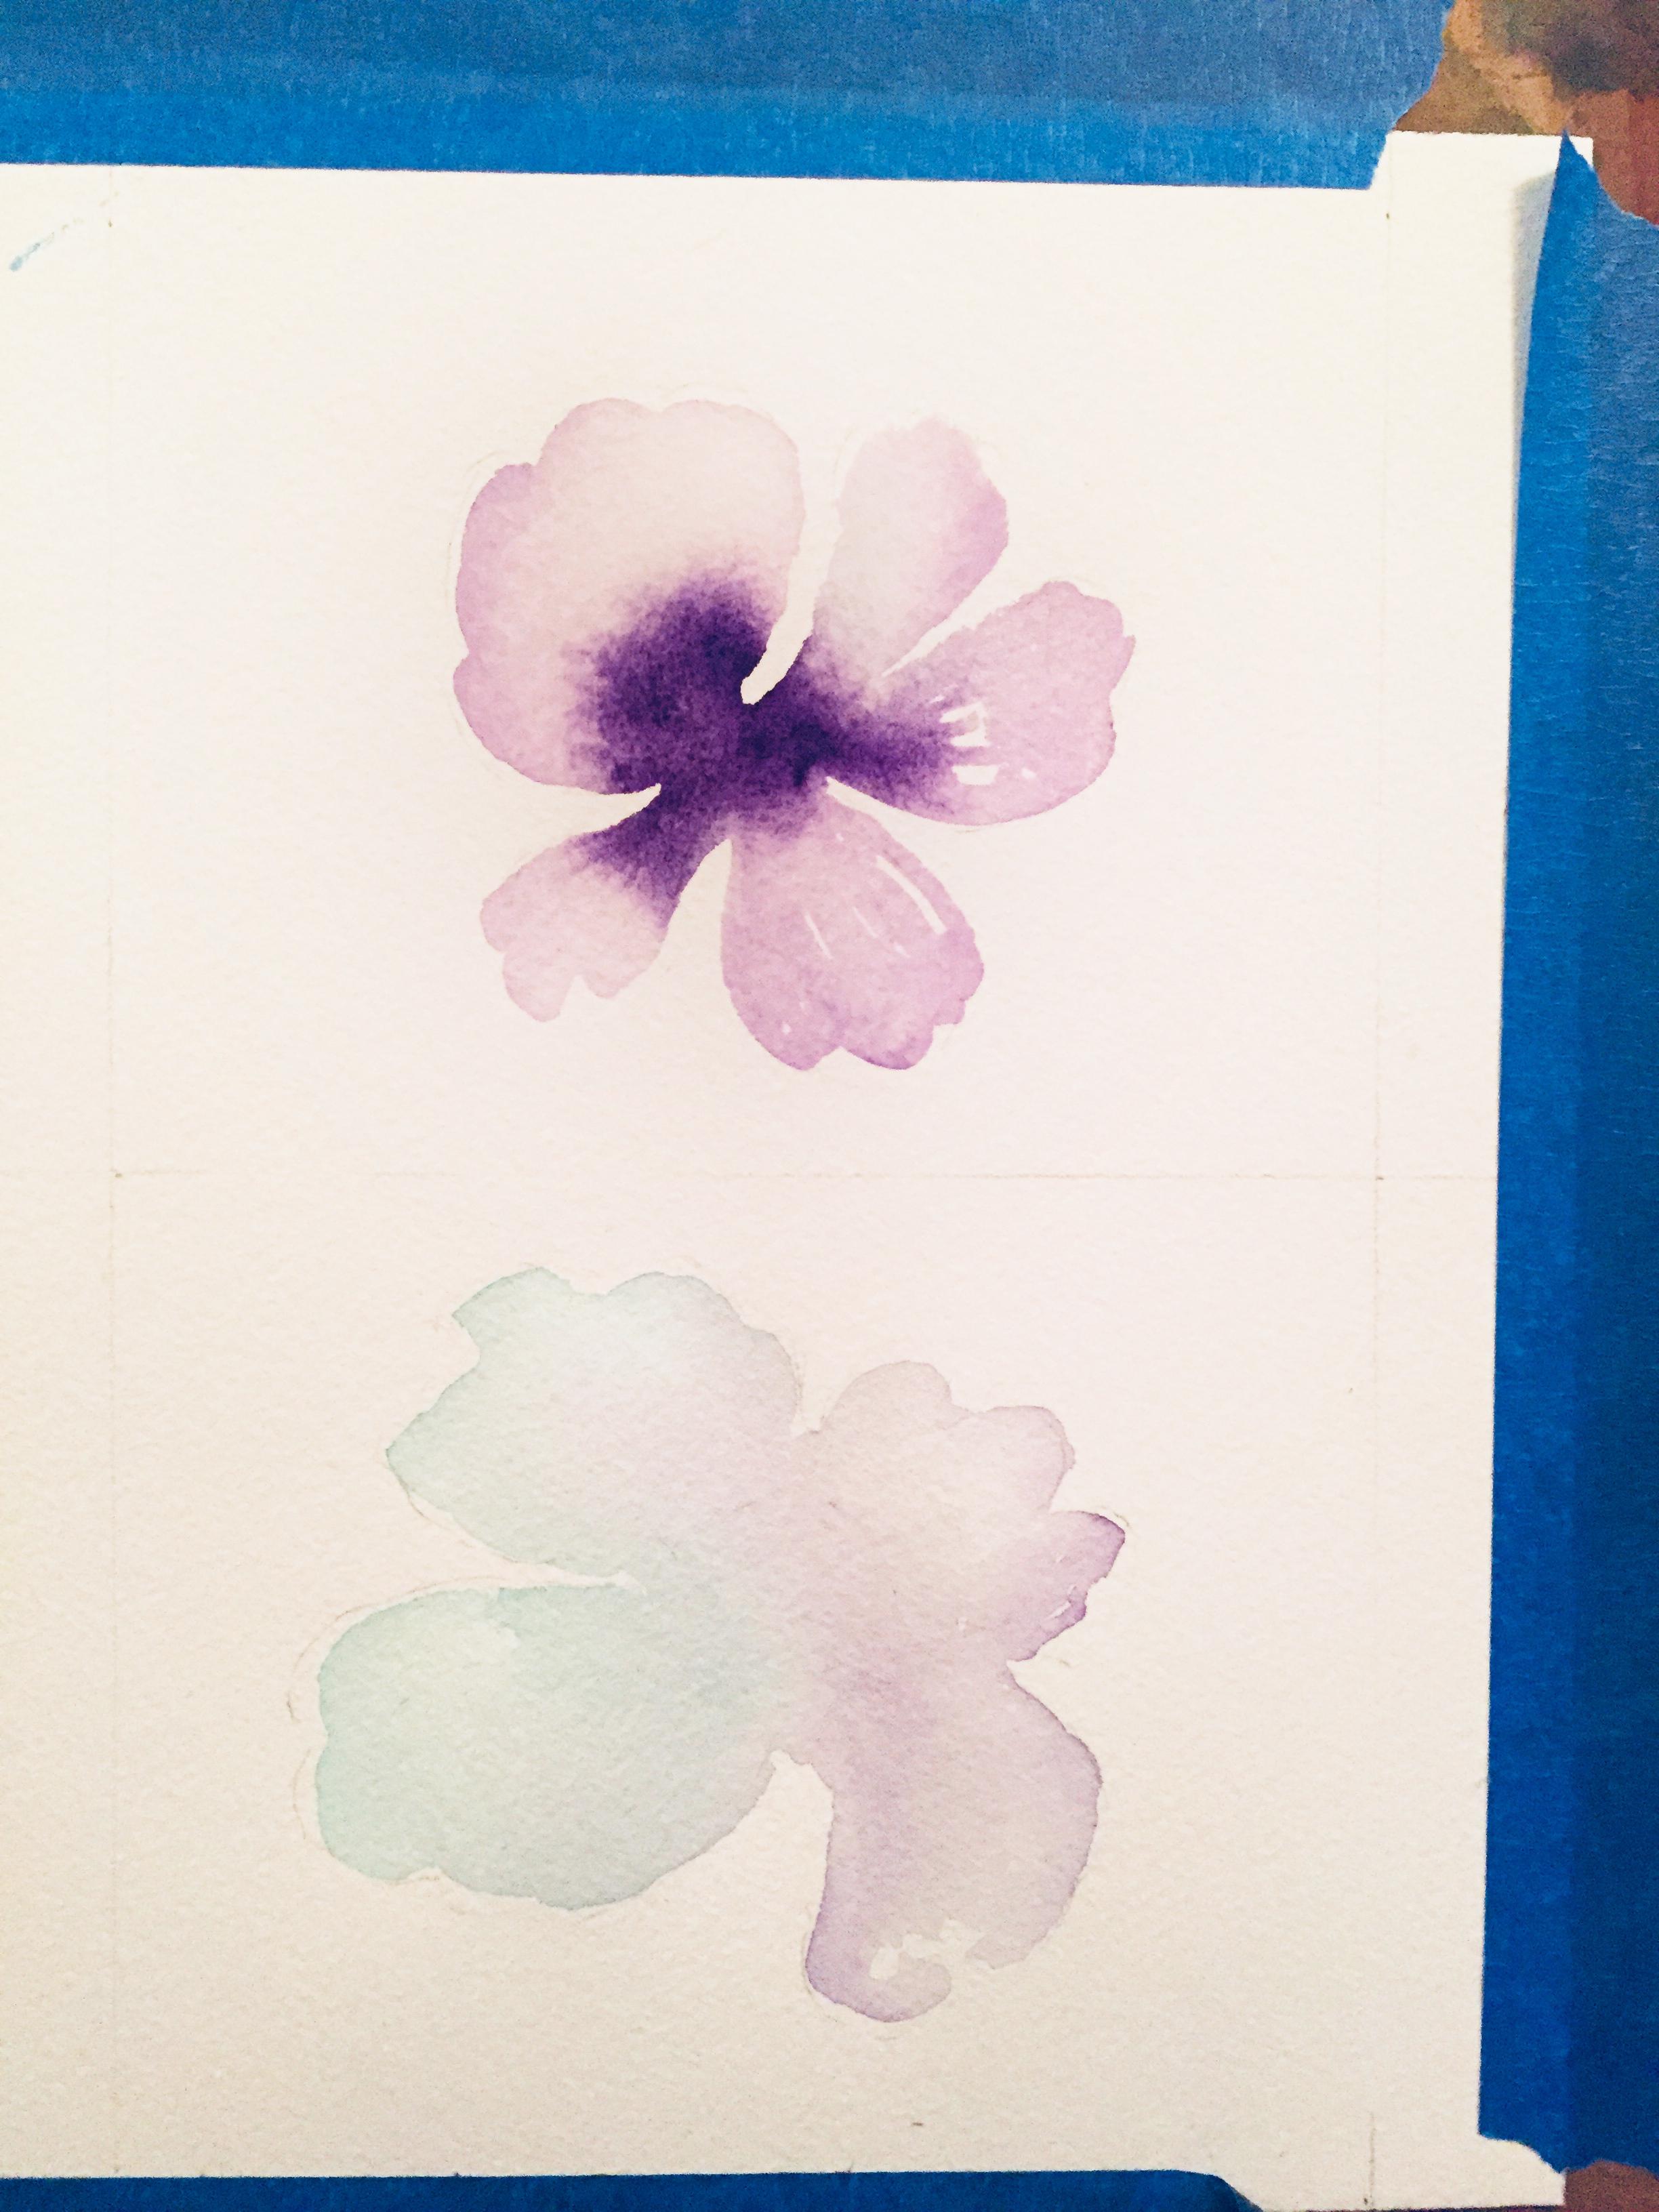 Secret-Garden-Water-Color-Painting-Creative-Memories1